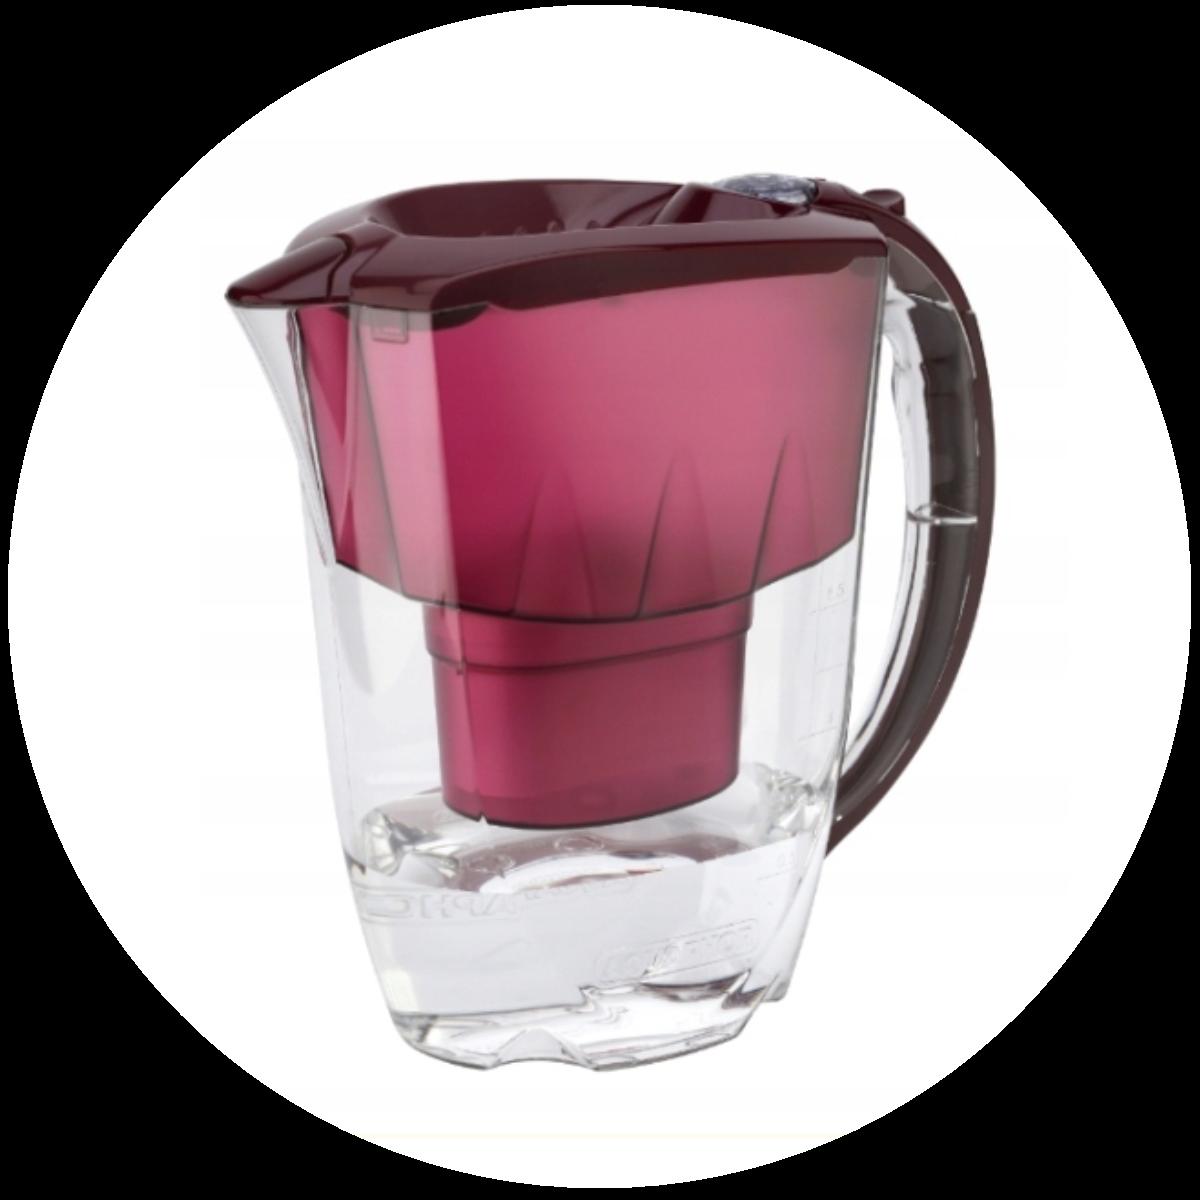 Aquaphor Amethyst (wiśniowy) dzbanek filtrujący - konstrukcja